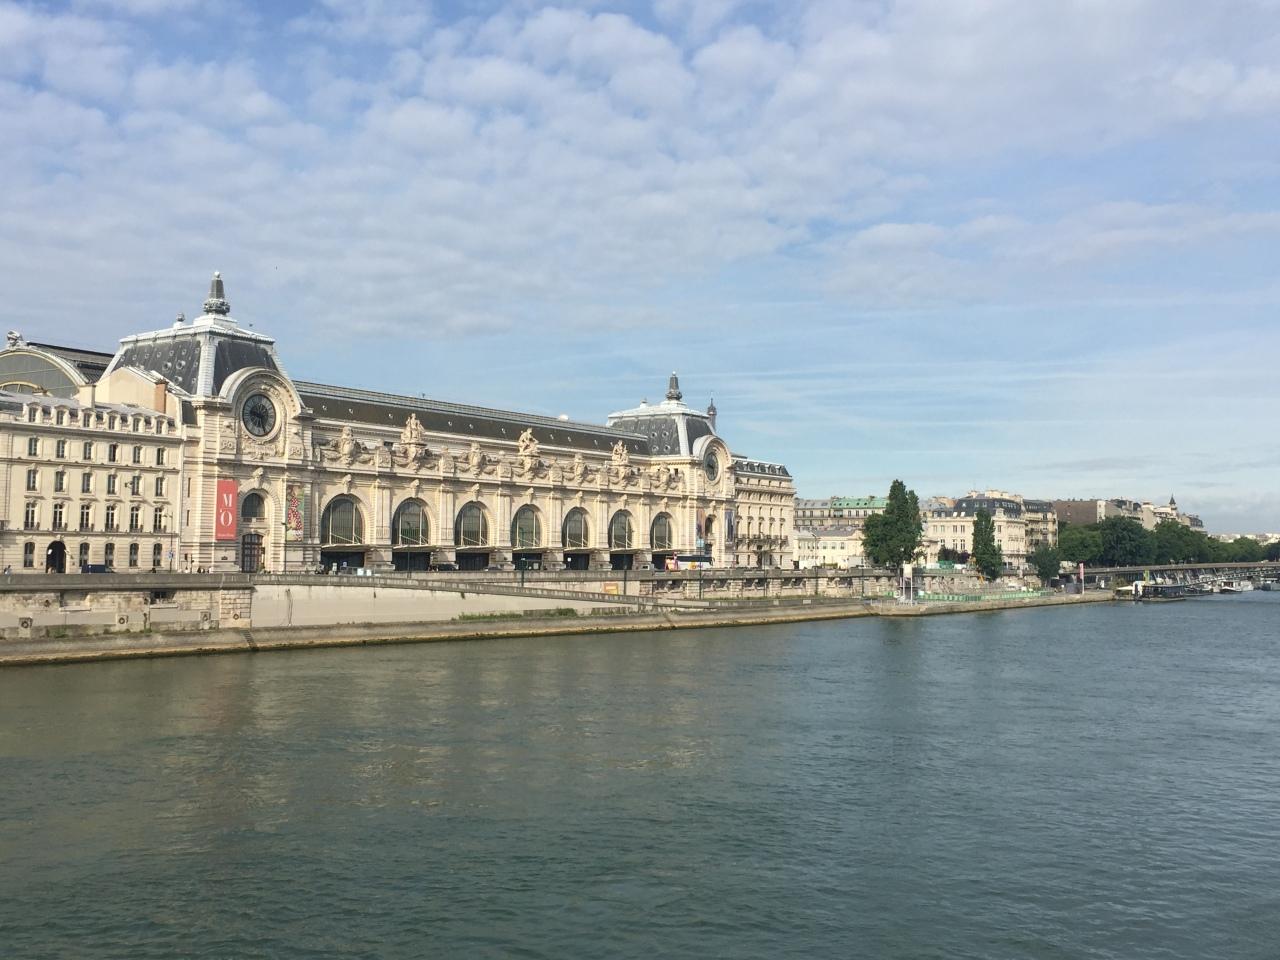 Musée d'Orsay-Musée Rodin-Montmartre-Basilique duSacré-Cœur